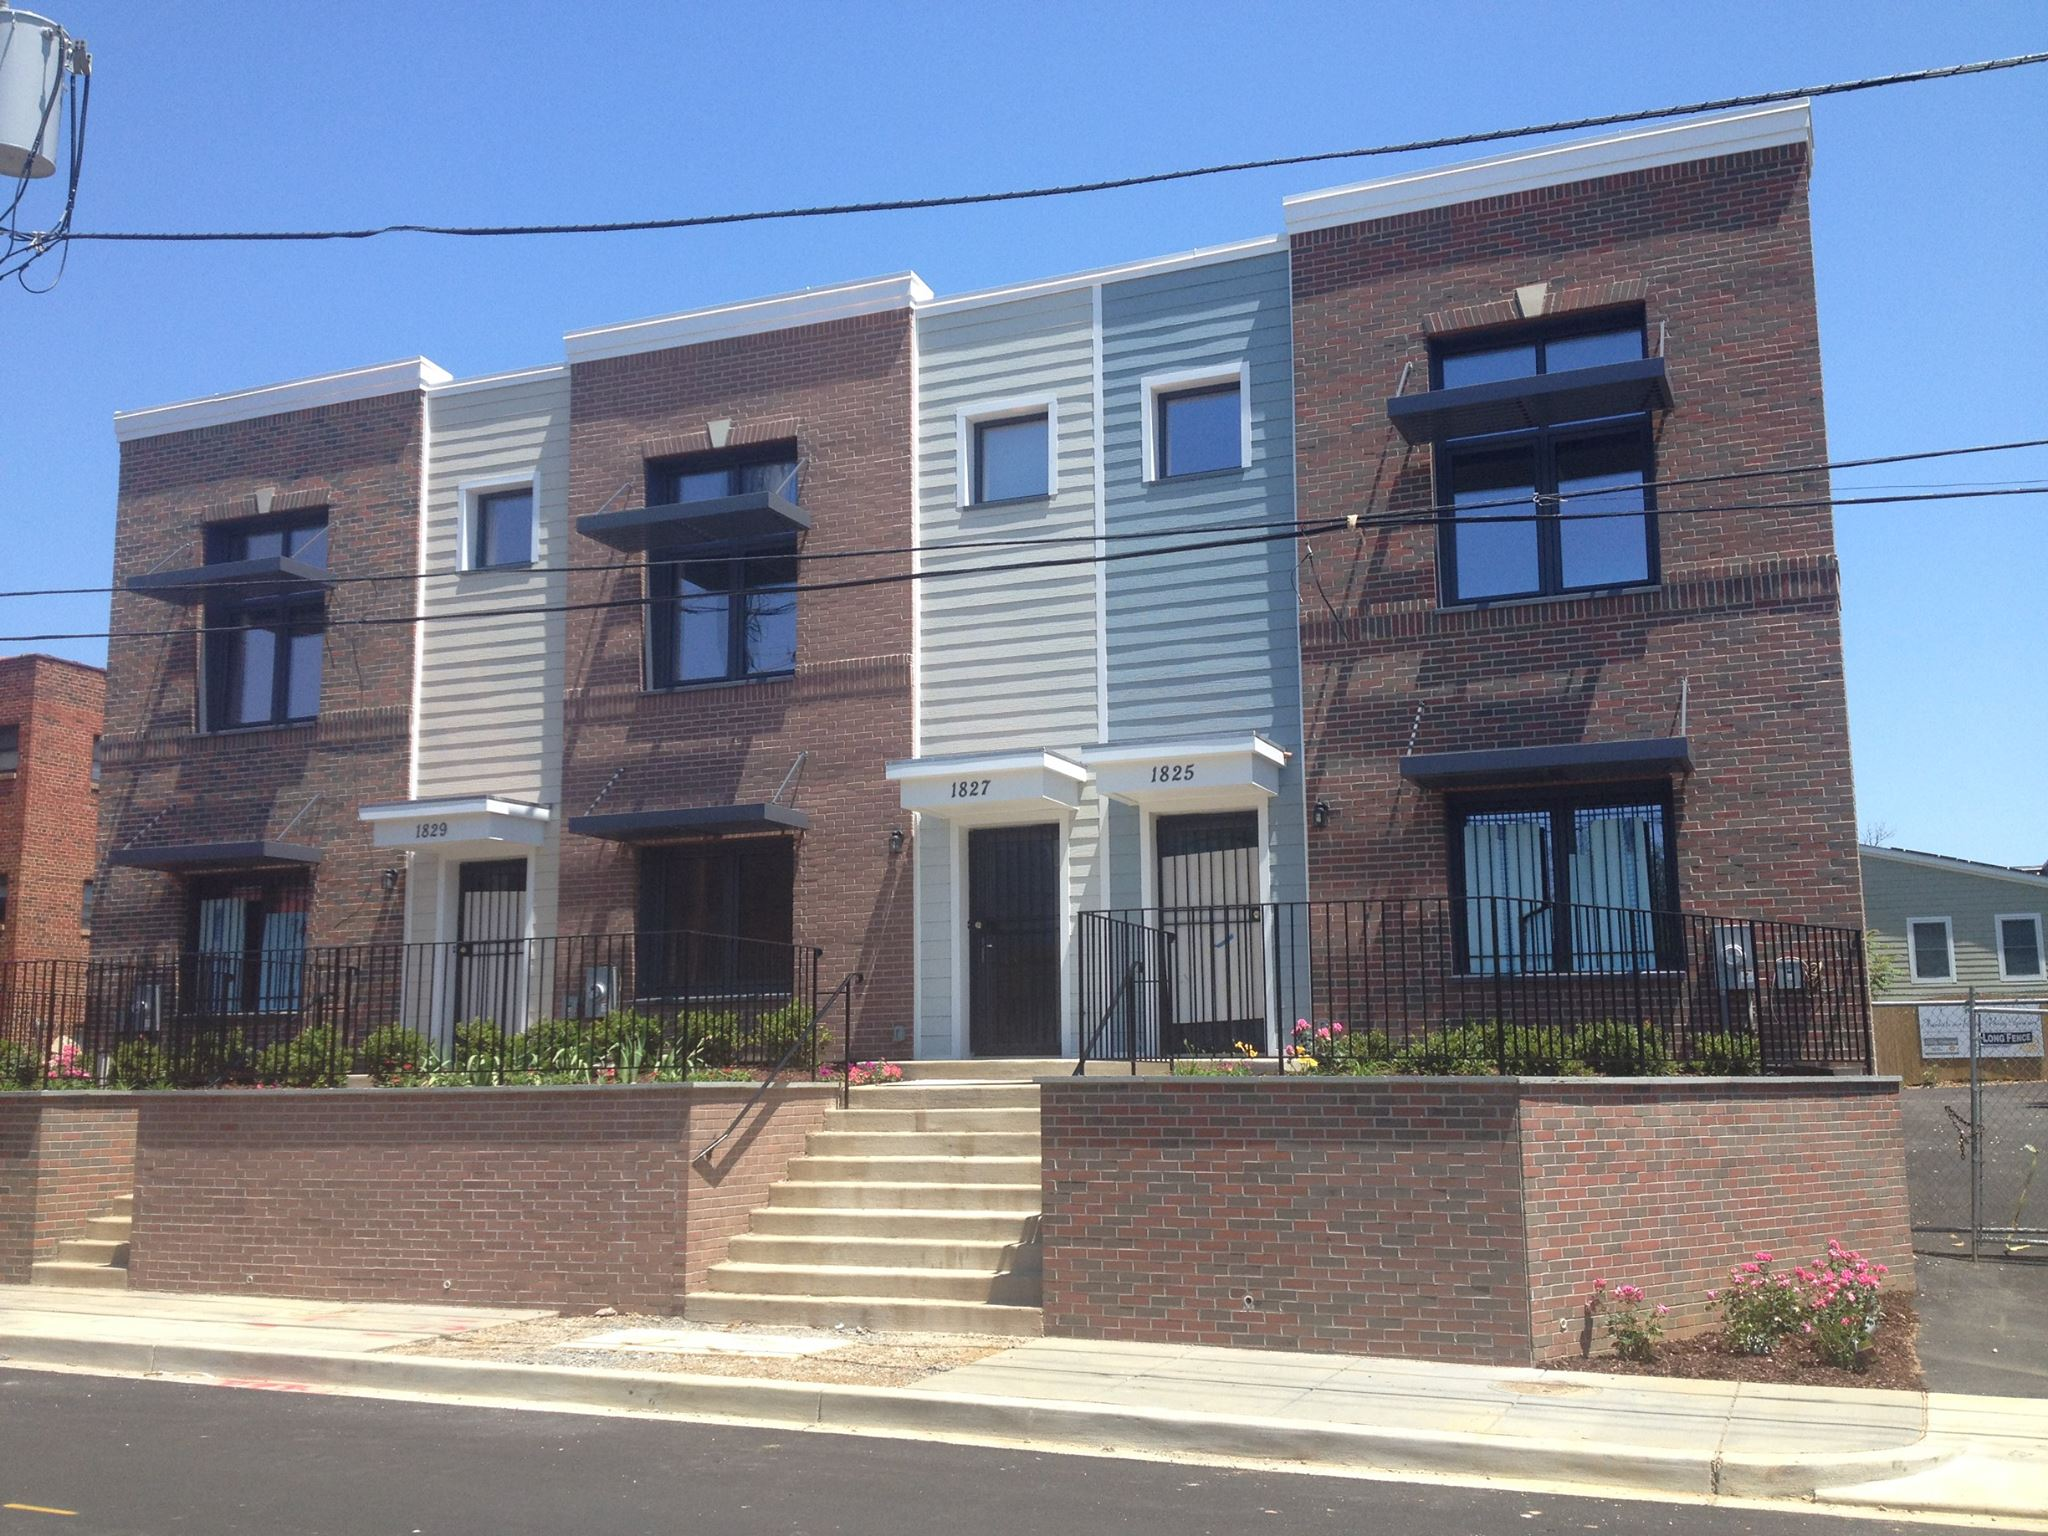 Ivy City Passive Houses Block A - Image Credit: HfH, Washington D.C.